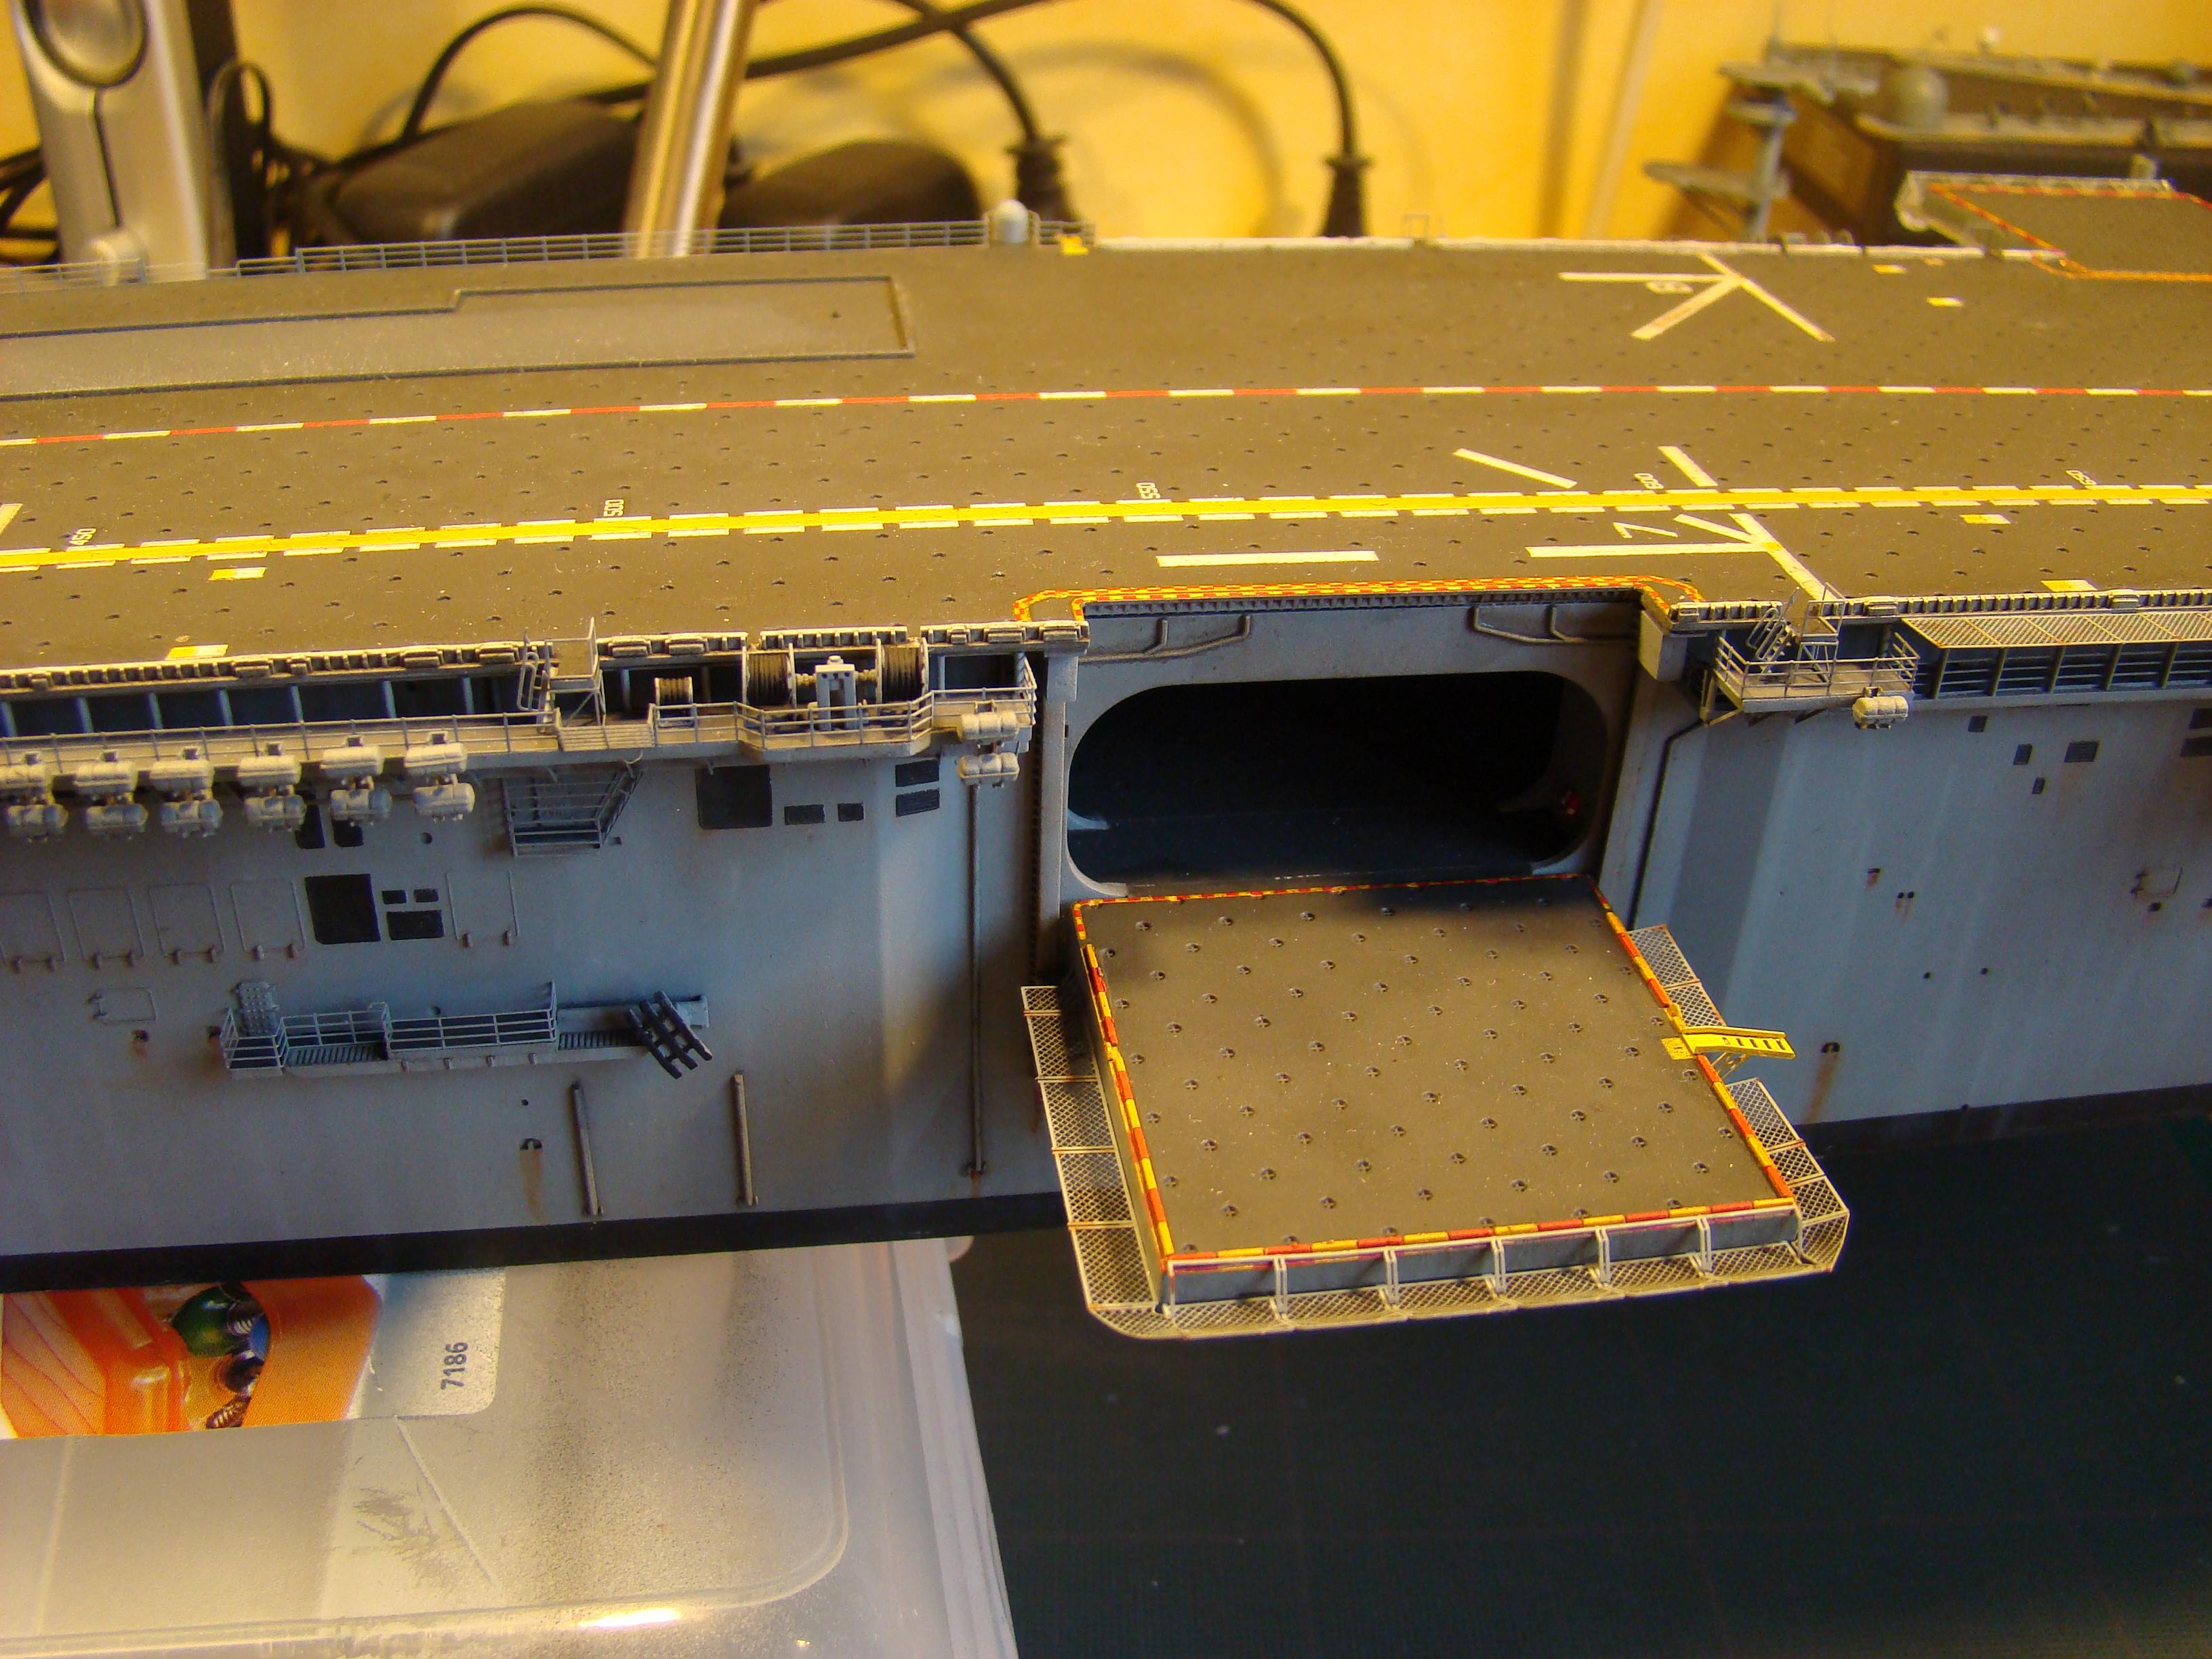 USS WASP LHD-1 au 1/350ème par nova73 - Page 8 Dsc09104e